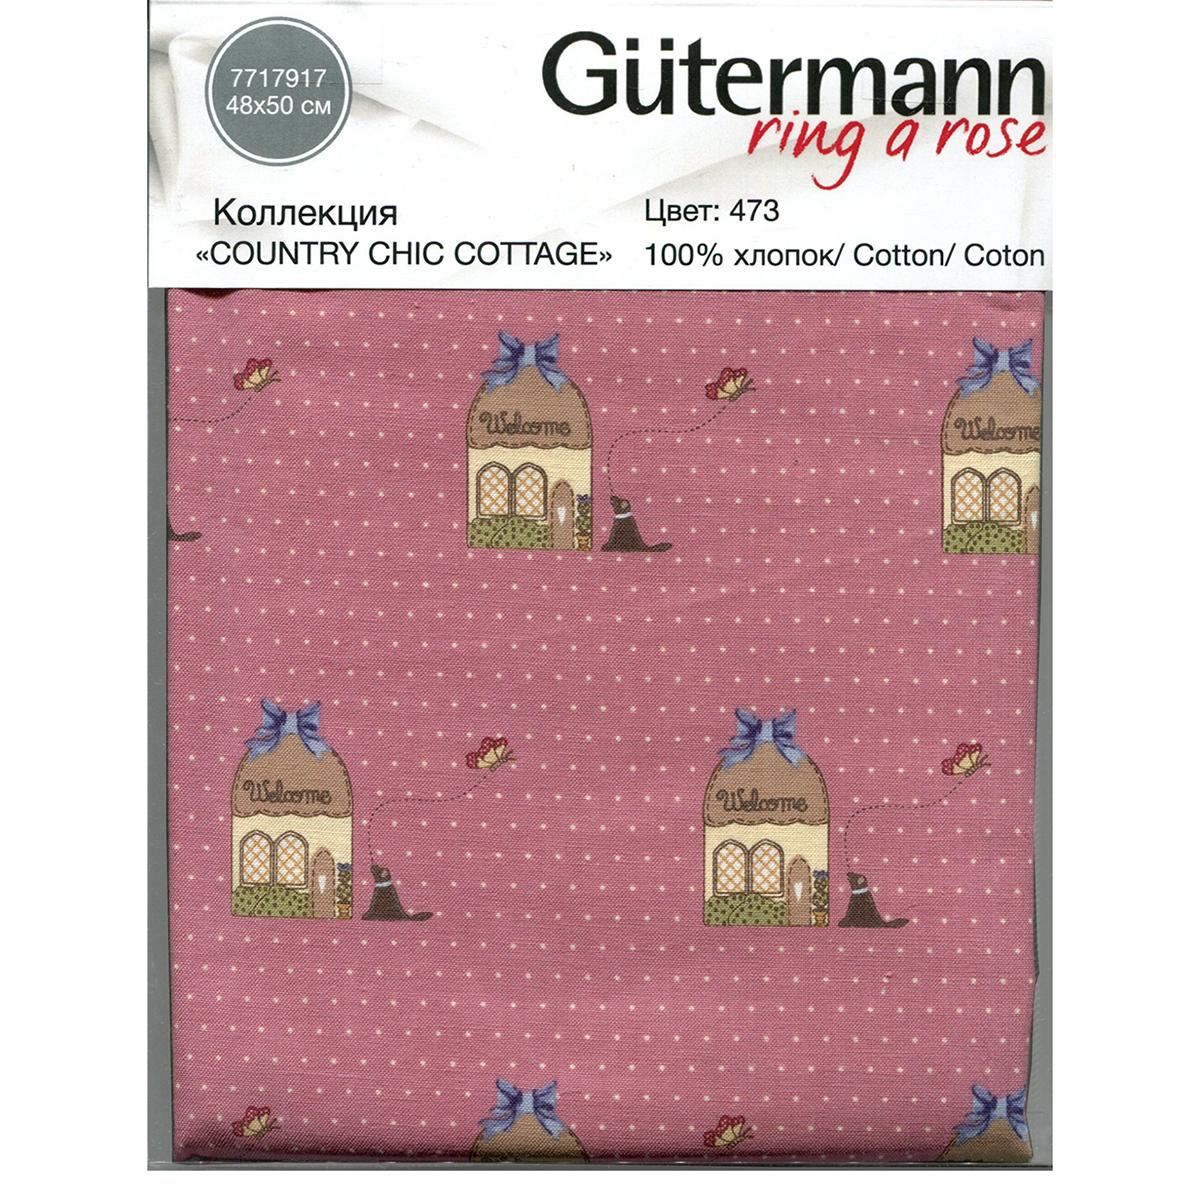 Ткань Gutermann Country Chic Cottage, 48 х 50 см. 649325_473C0038550Хлопковая ткань от Gutermann (Гутерманн) выполнена из 100% натурального материала, идеально подойдет для шитья одежды, постельного белья, декорирования. Ткань не линяет, не осыпается по краям и не дает усадки.